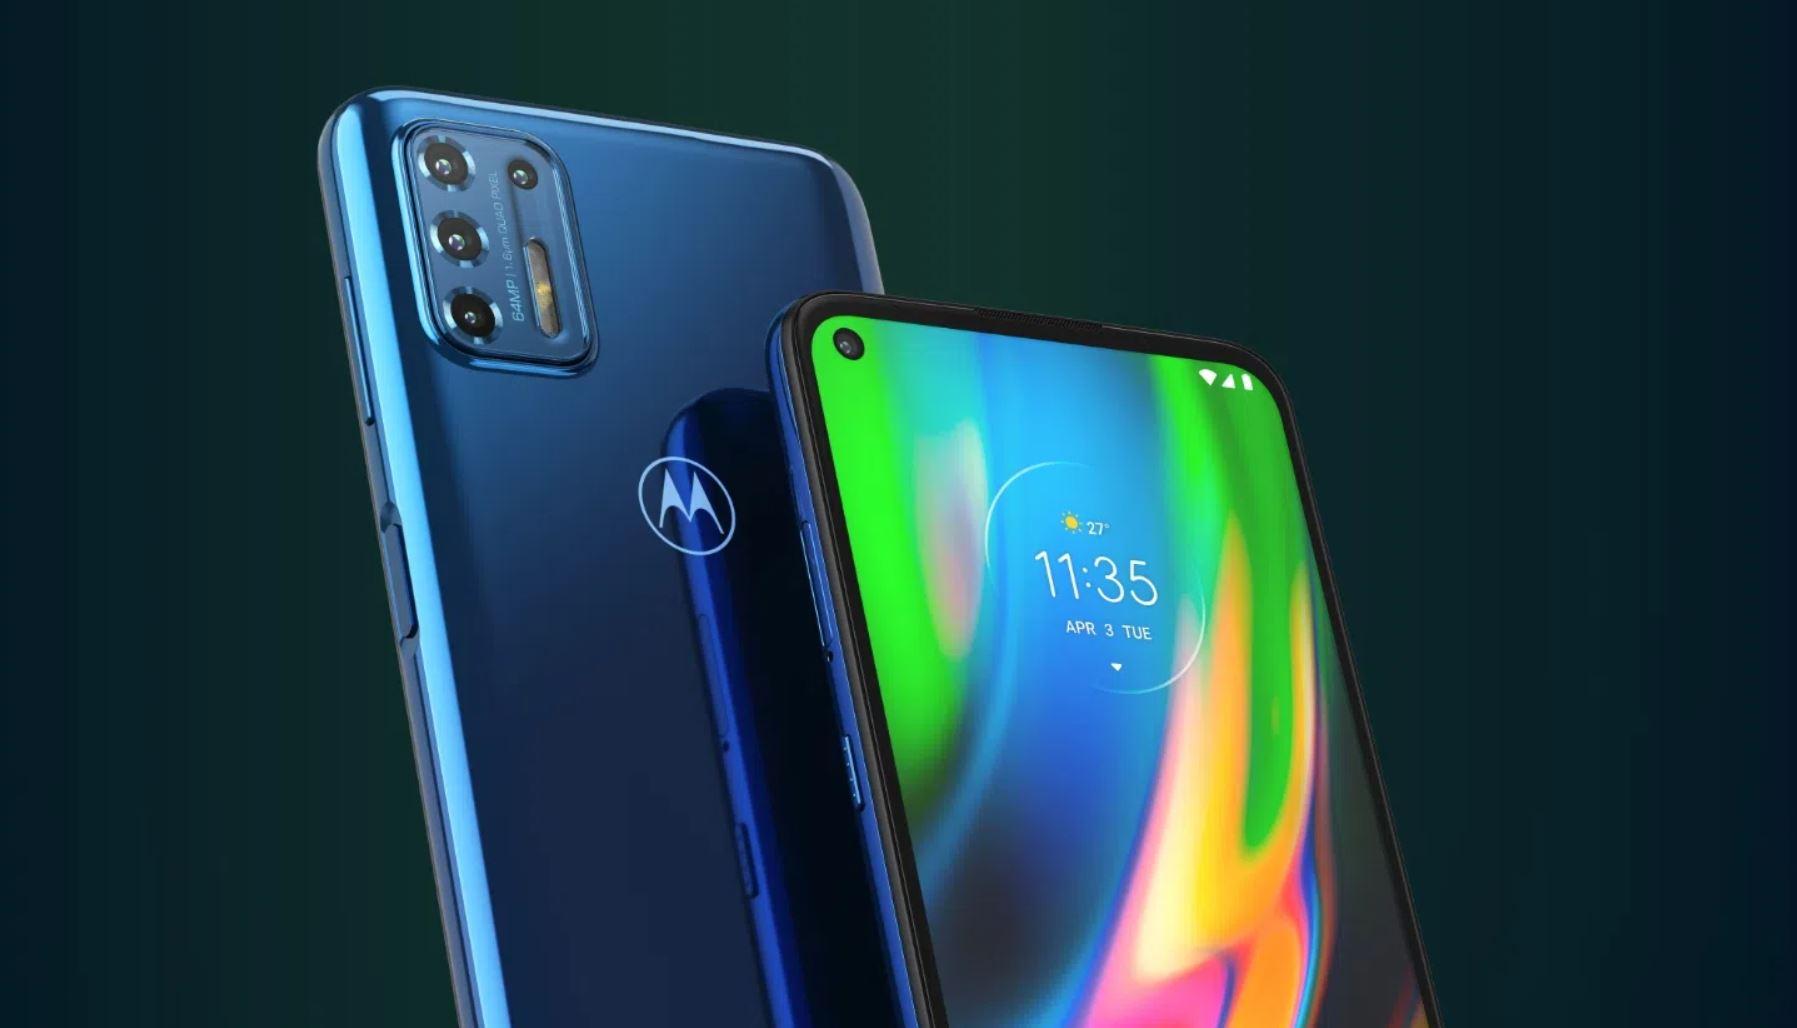 Wieder zum Toppreis: Motorola Moto G9 Plus bei Amazon reduziert!